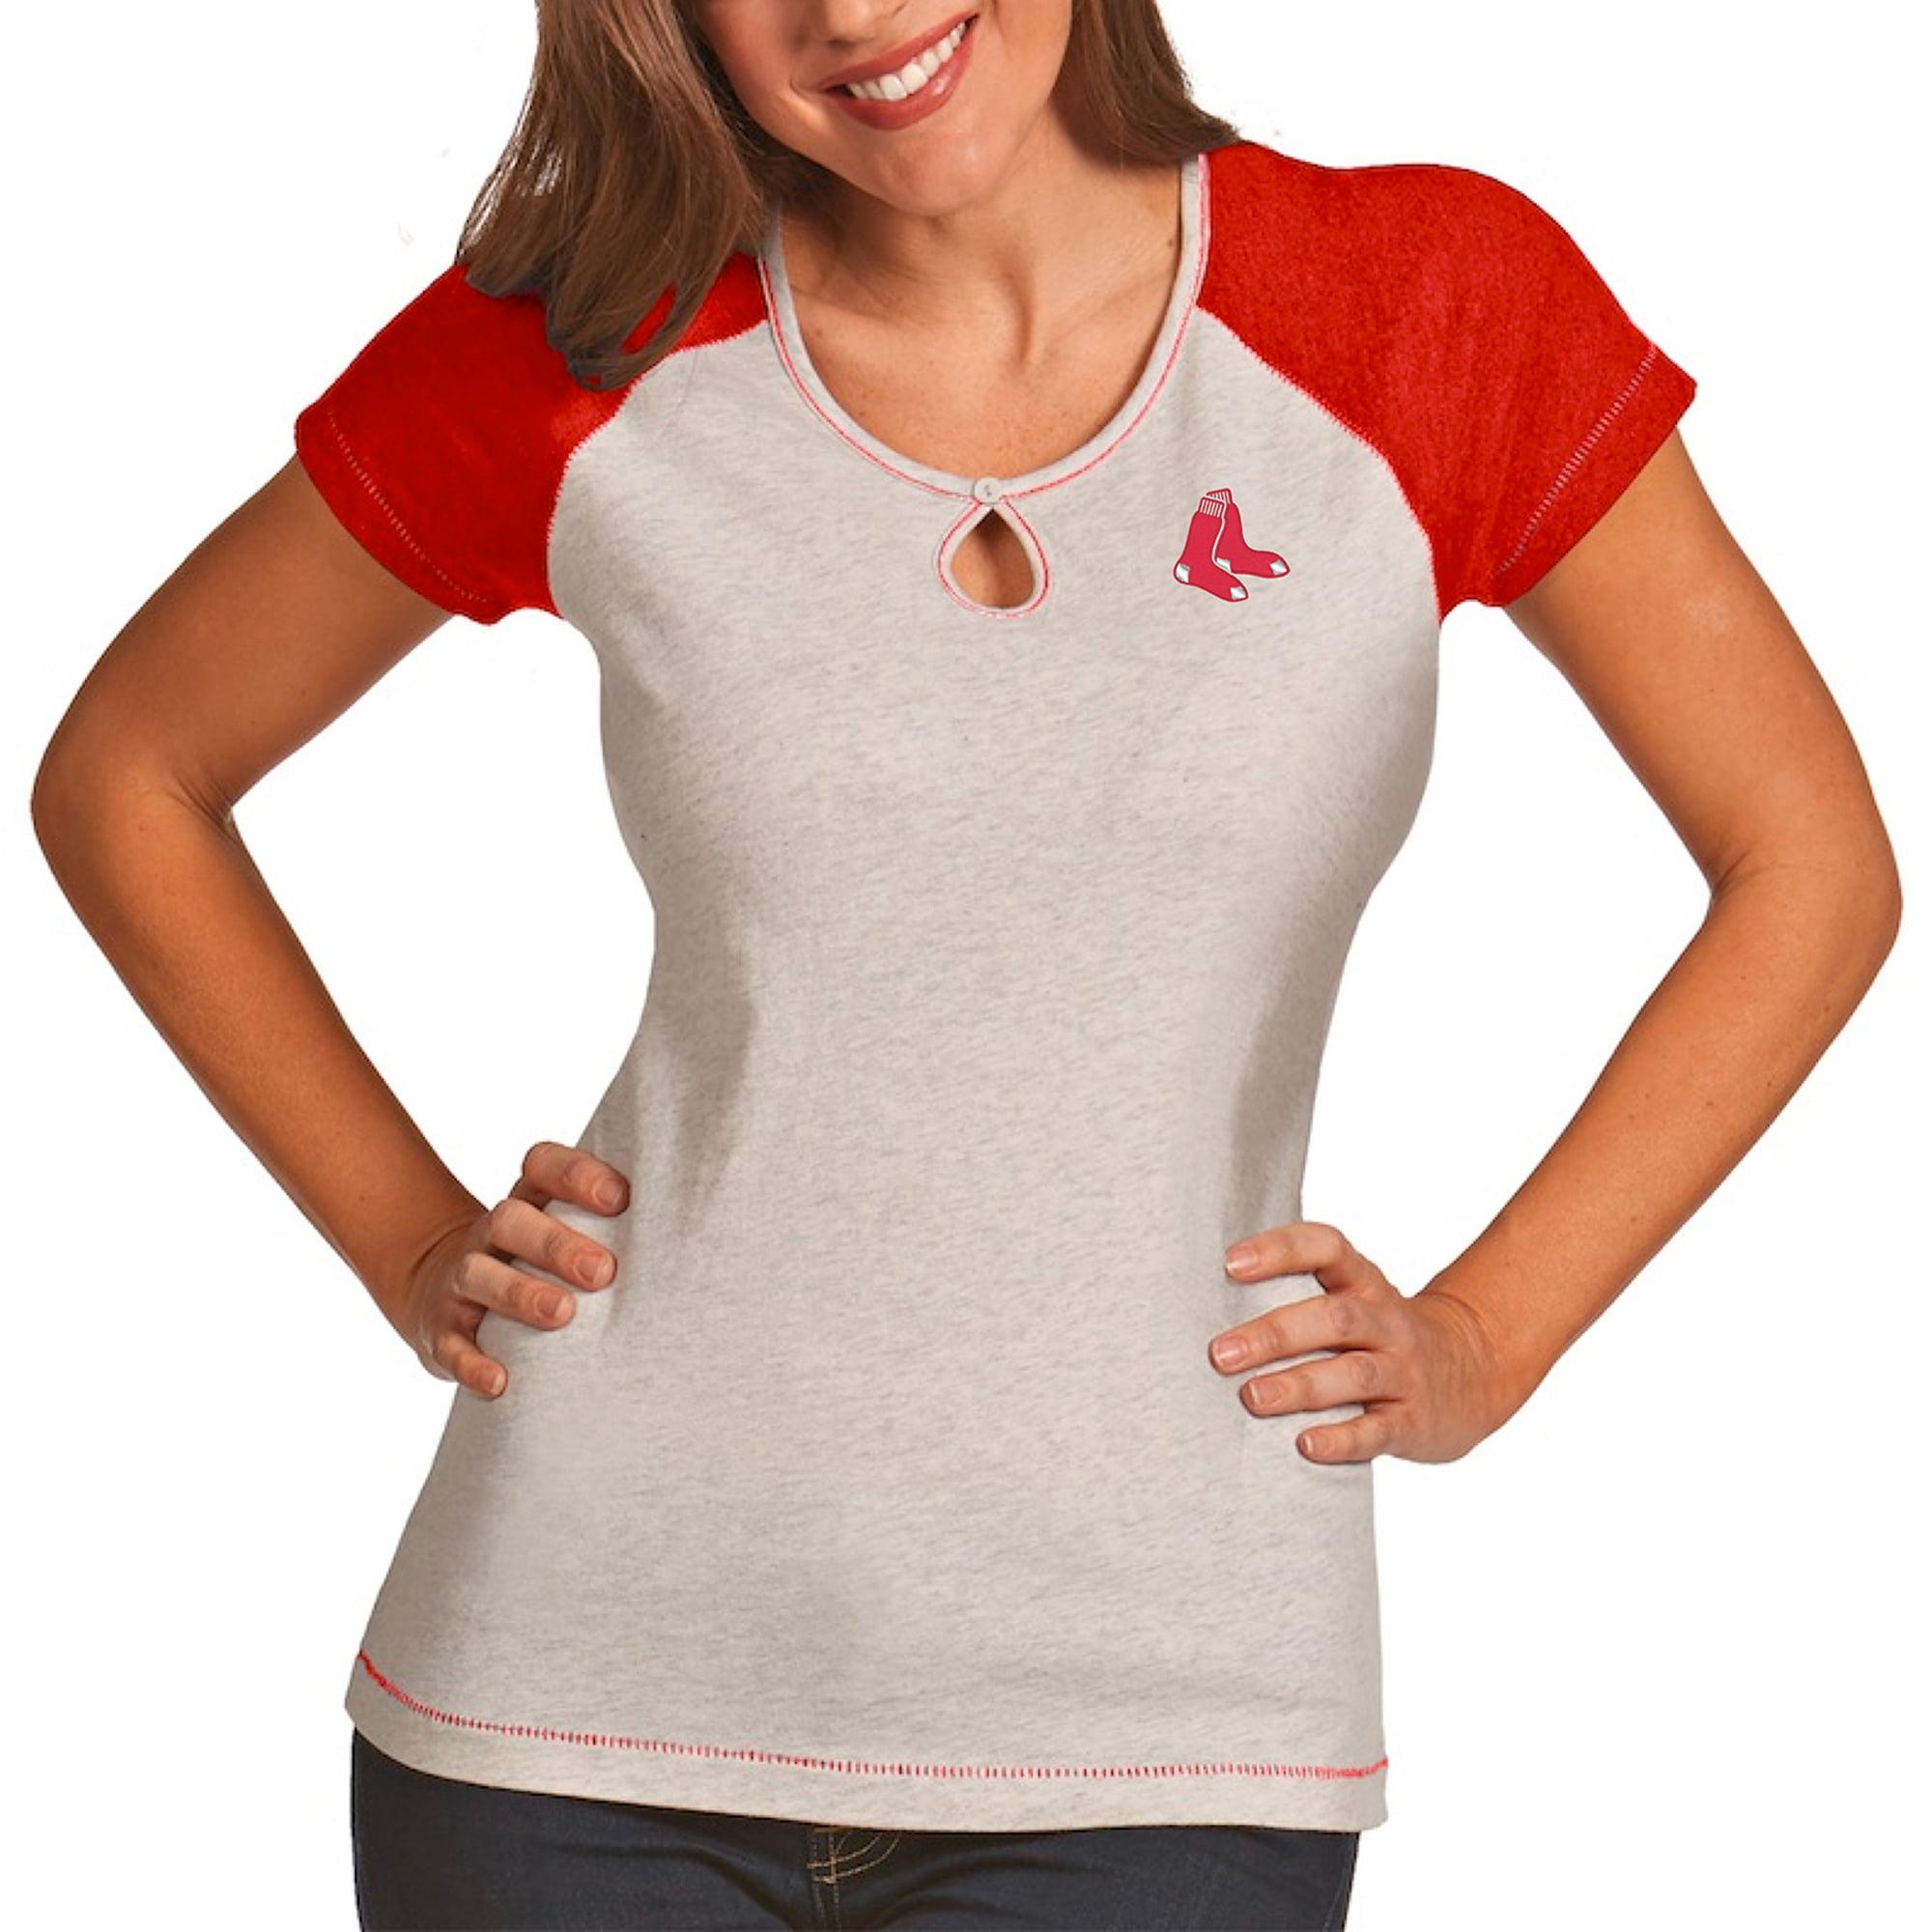 Boston Red Sox Antigua Women's Crush T-Shirt - White/Heather Red